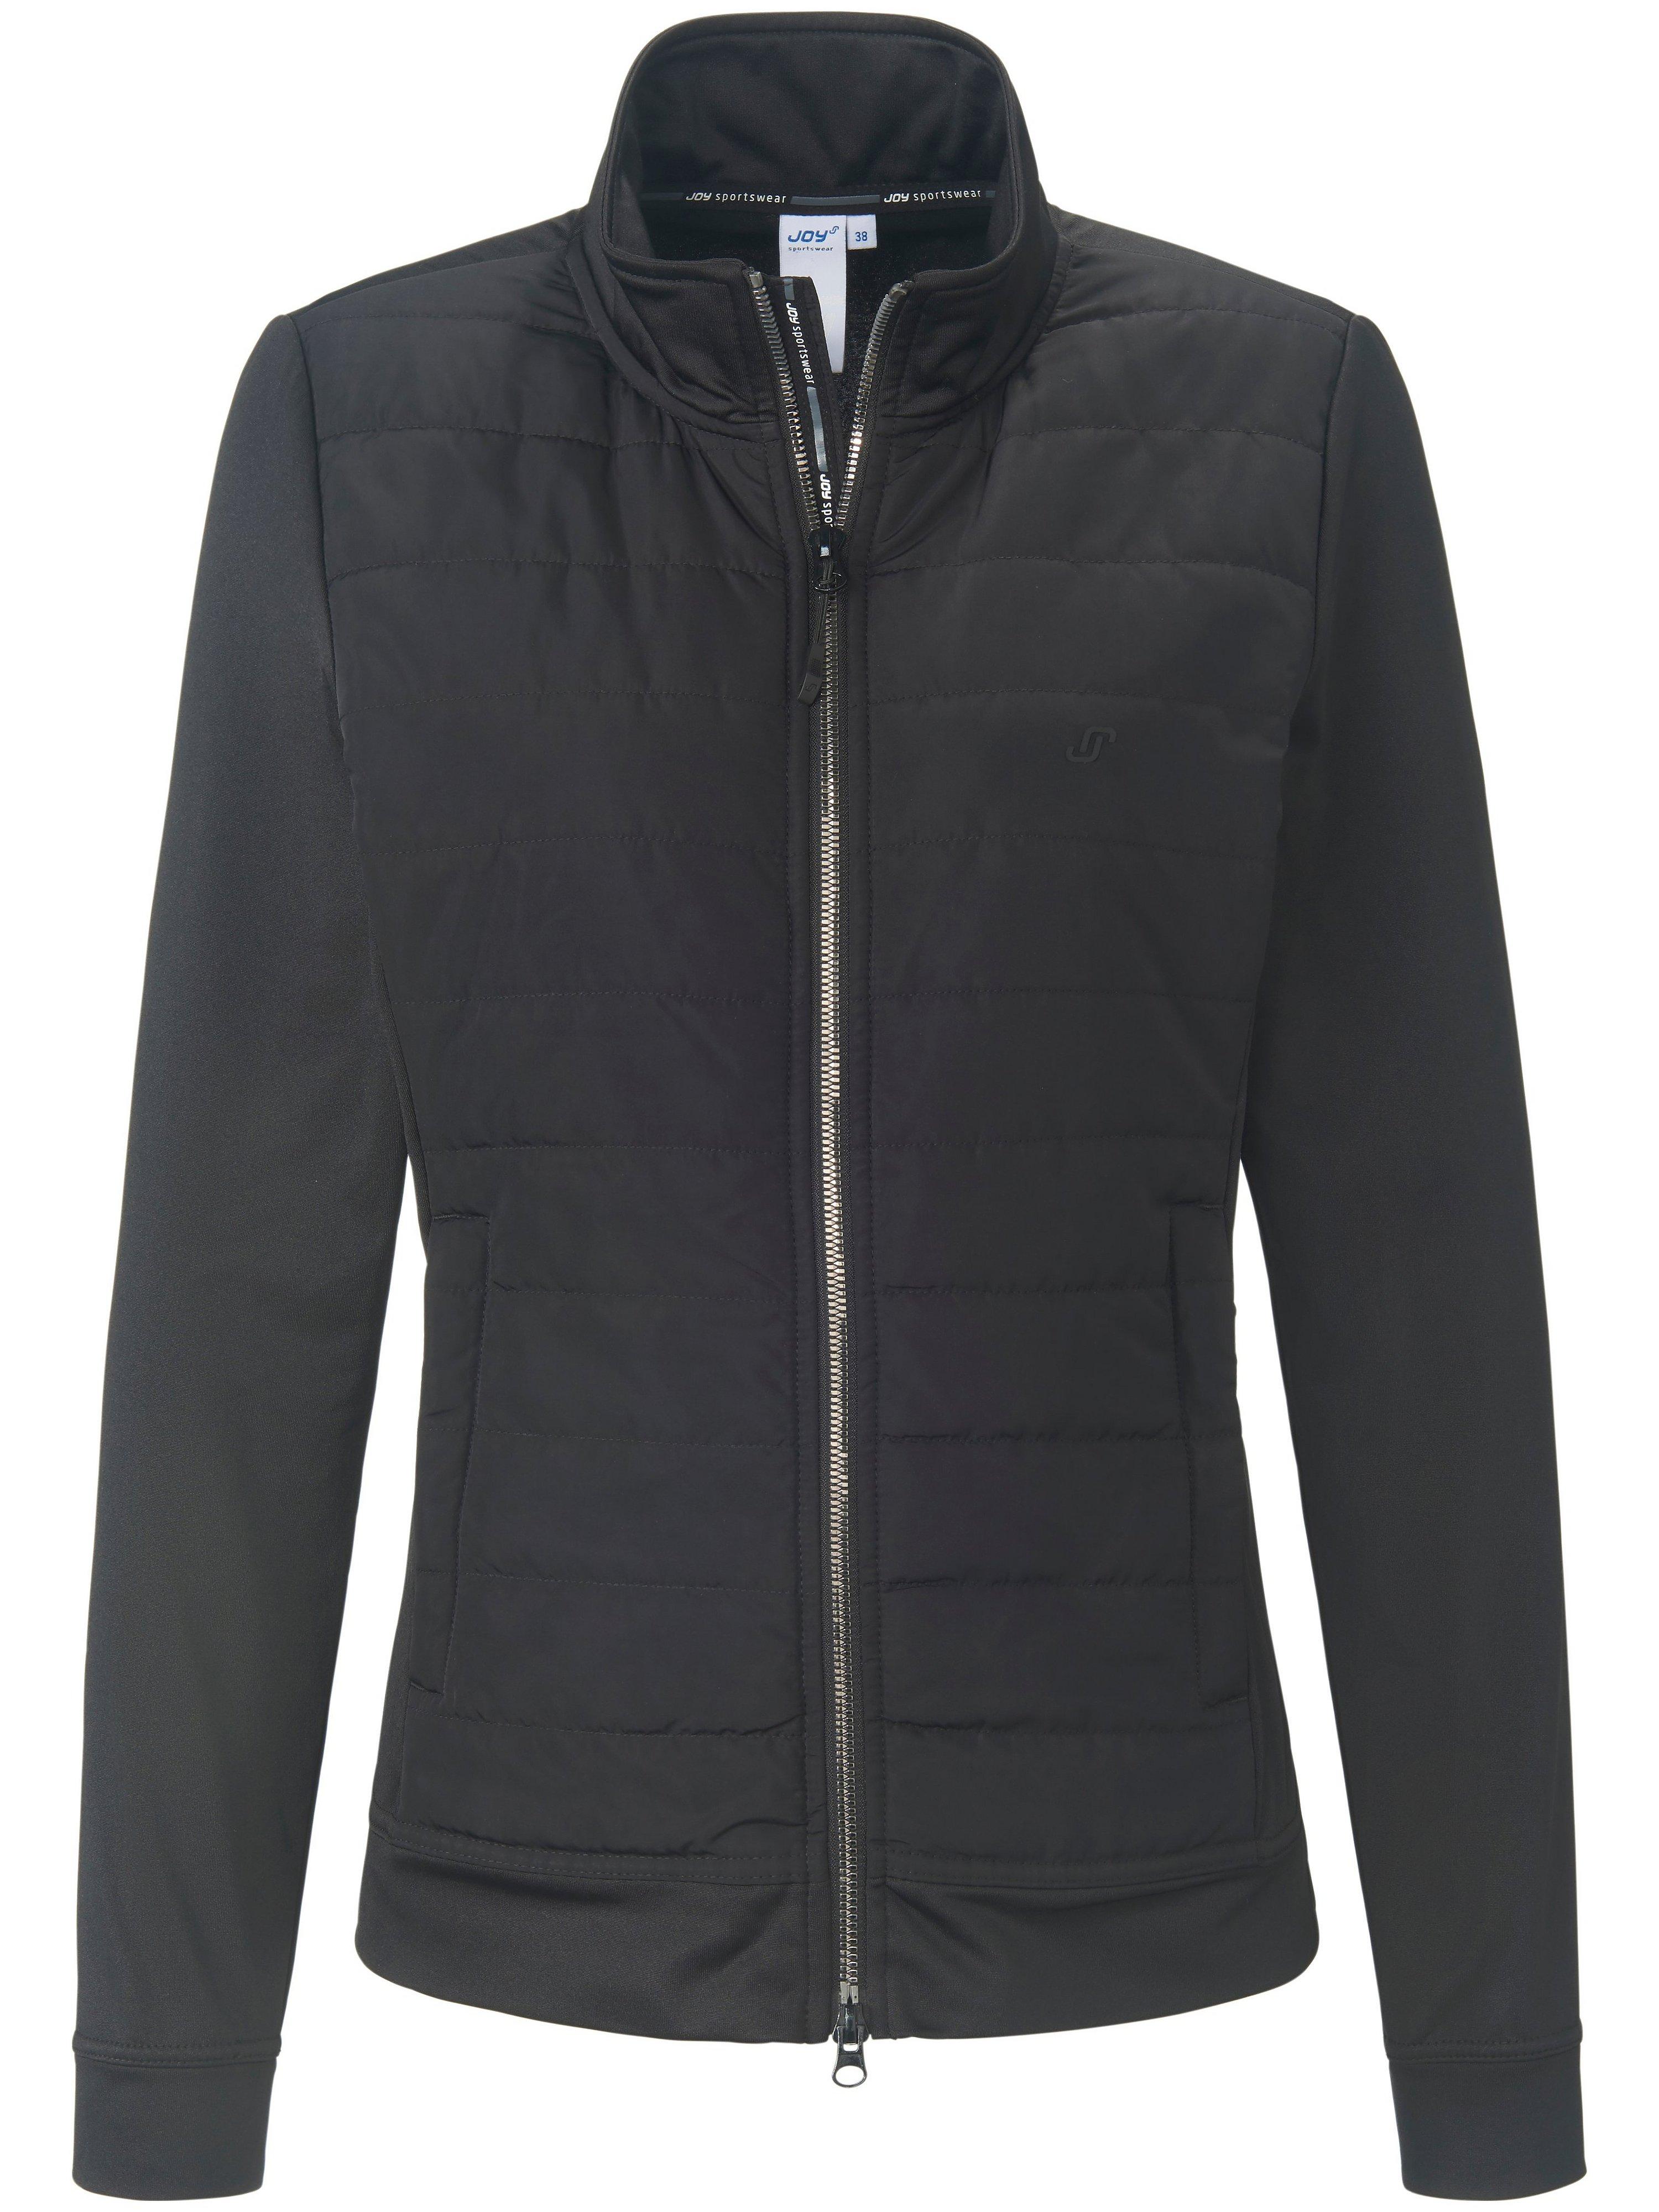 La veste manches longues  JOY Sportswear noir